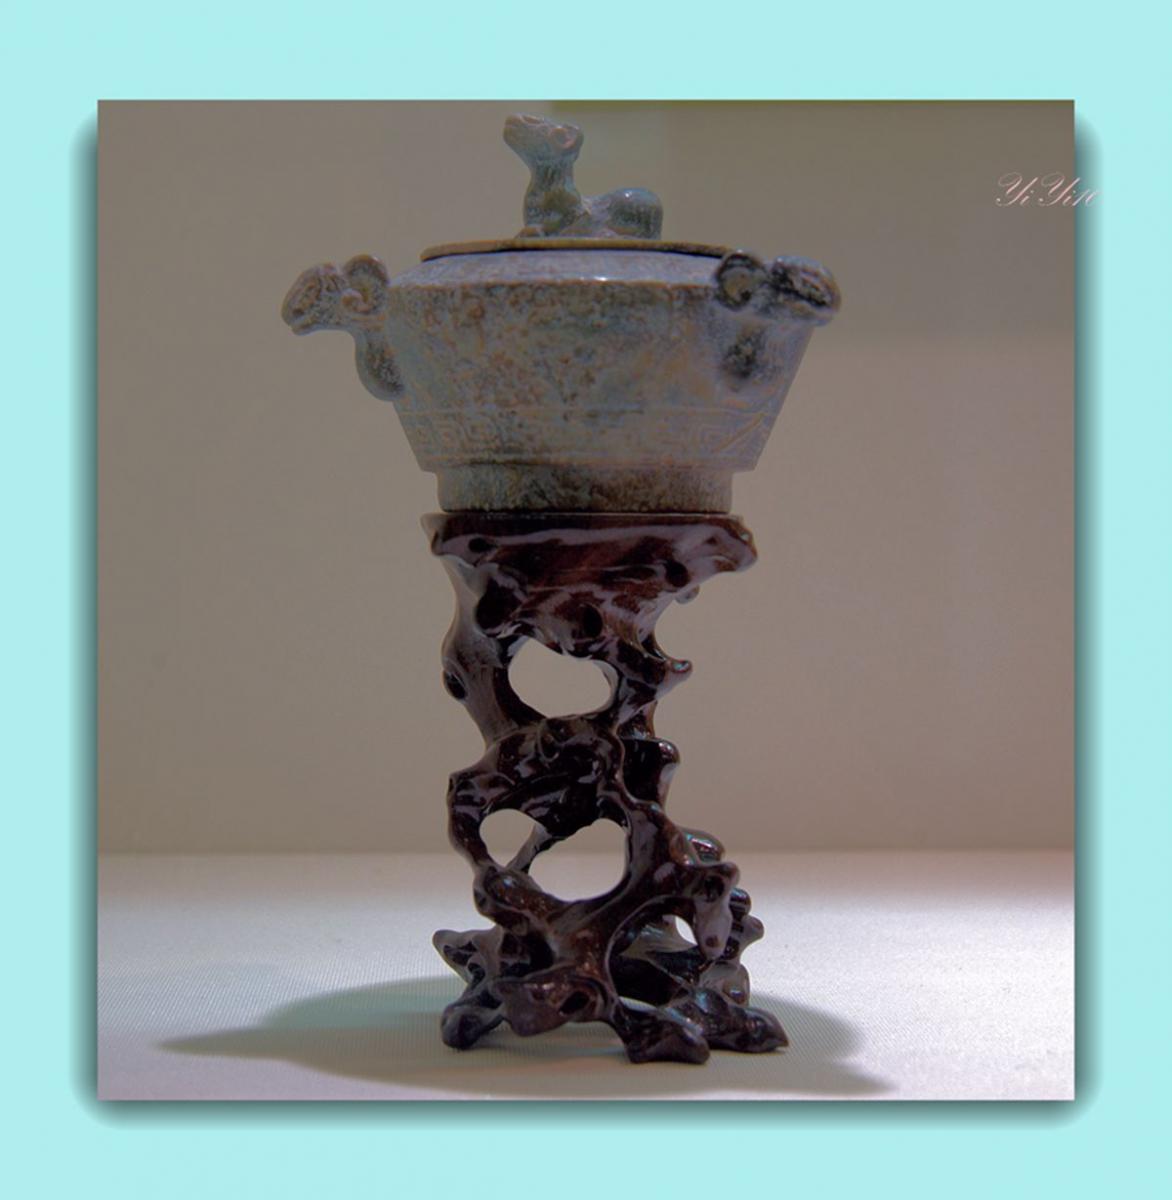 【原创】玉石雕刻(摄影)_图1-11